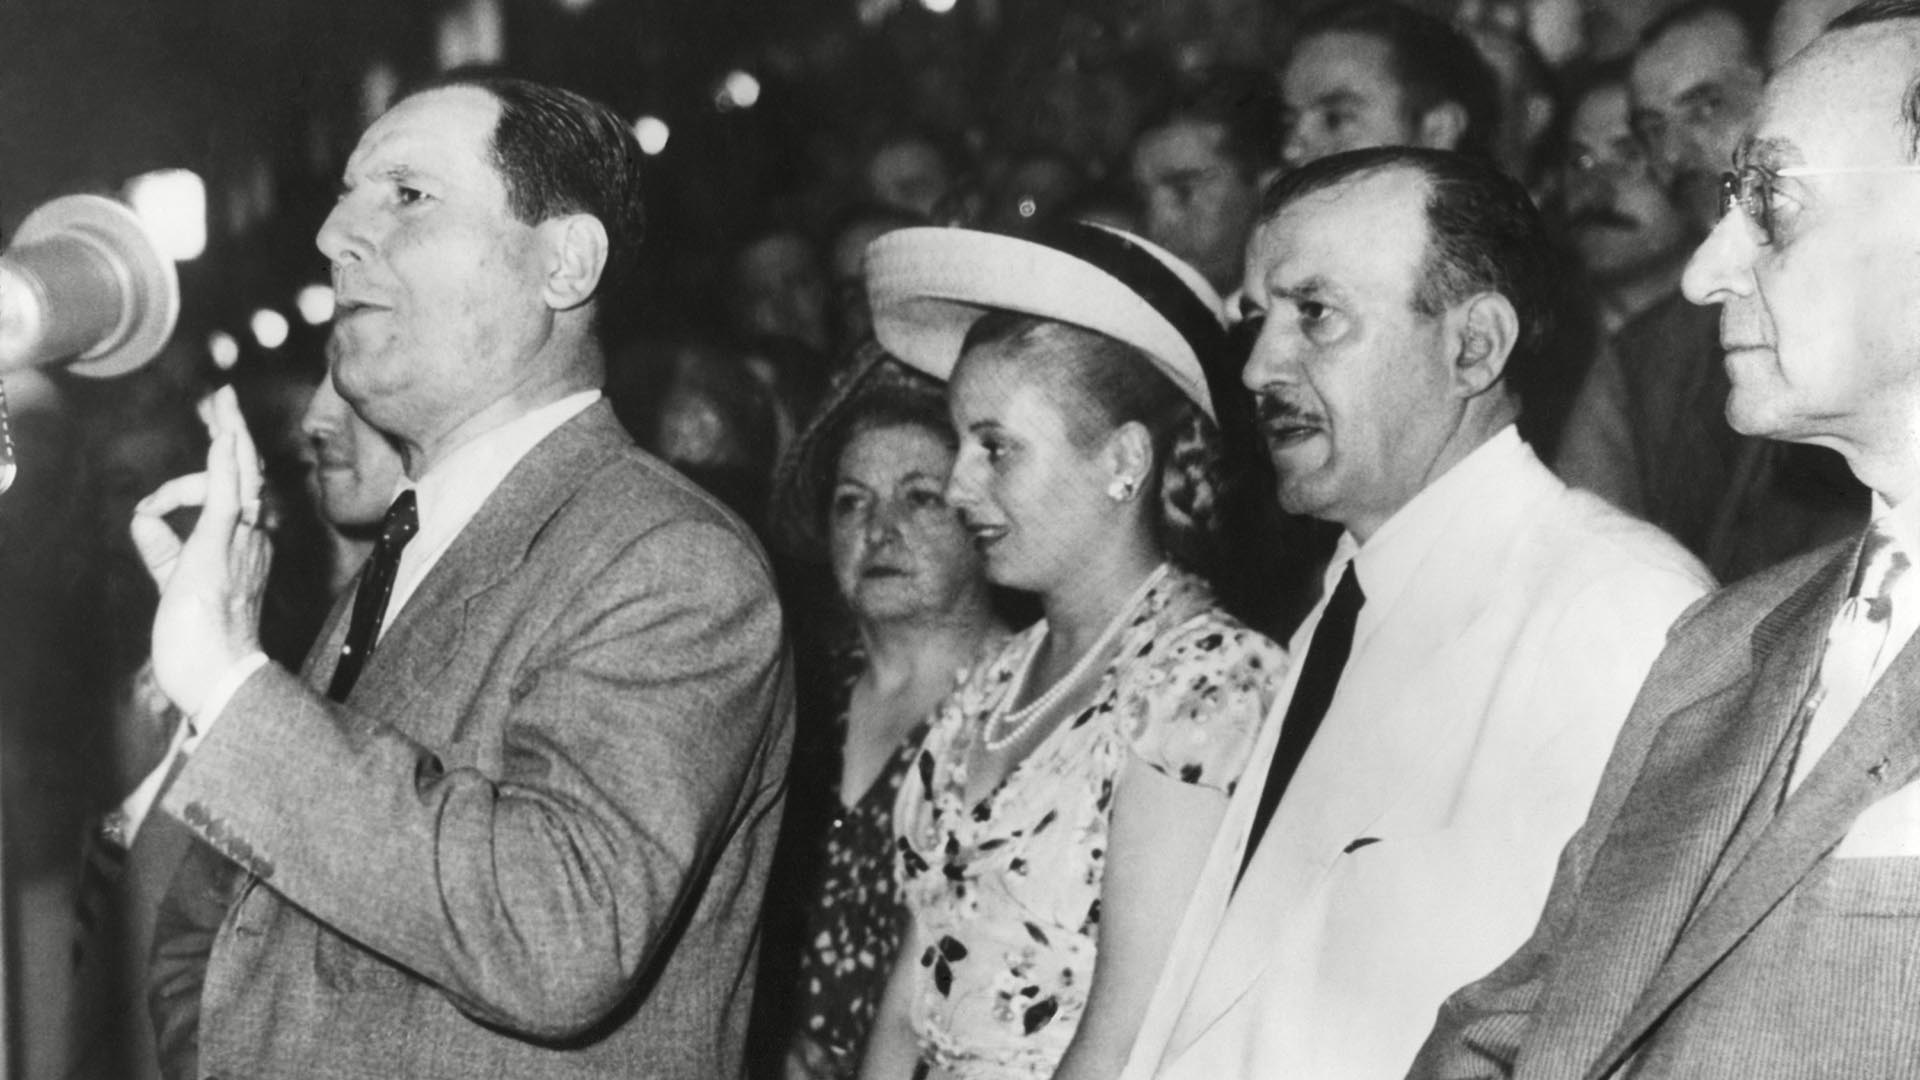 Eva muy cerca de Perón durante un discurso en una asamblea (Everett/Shutterstock )